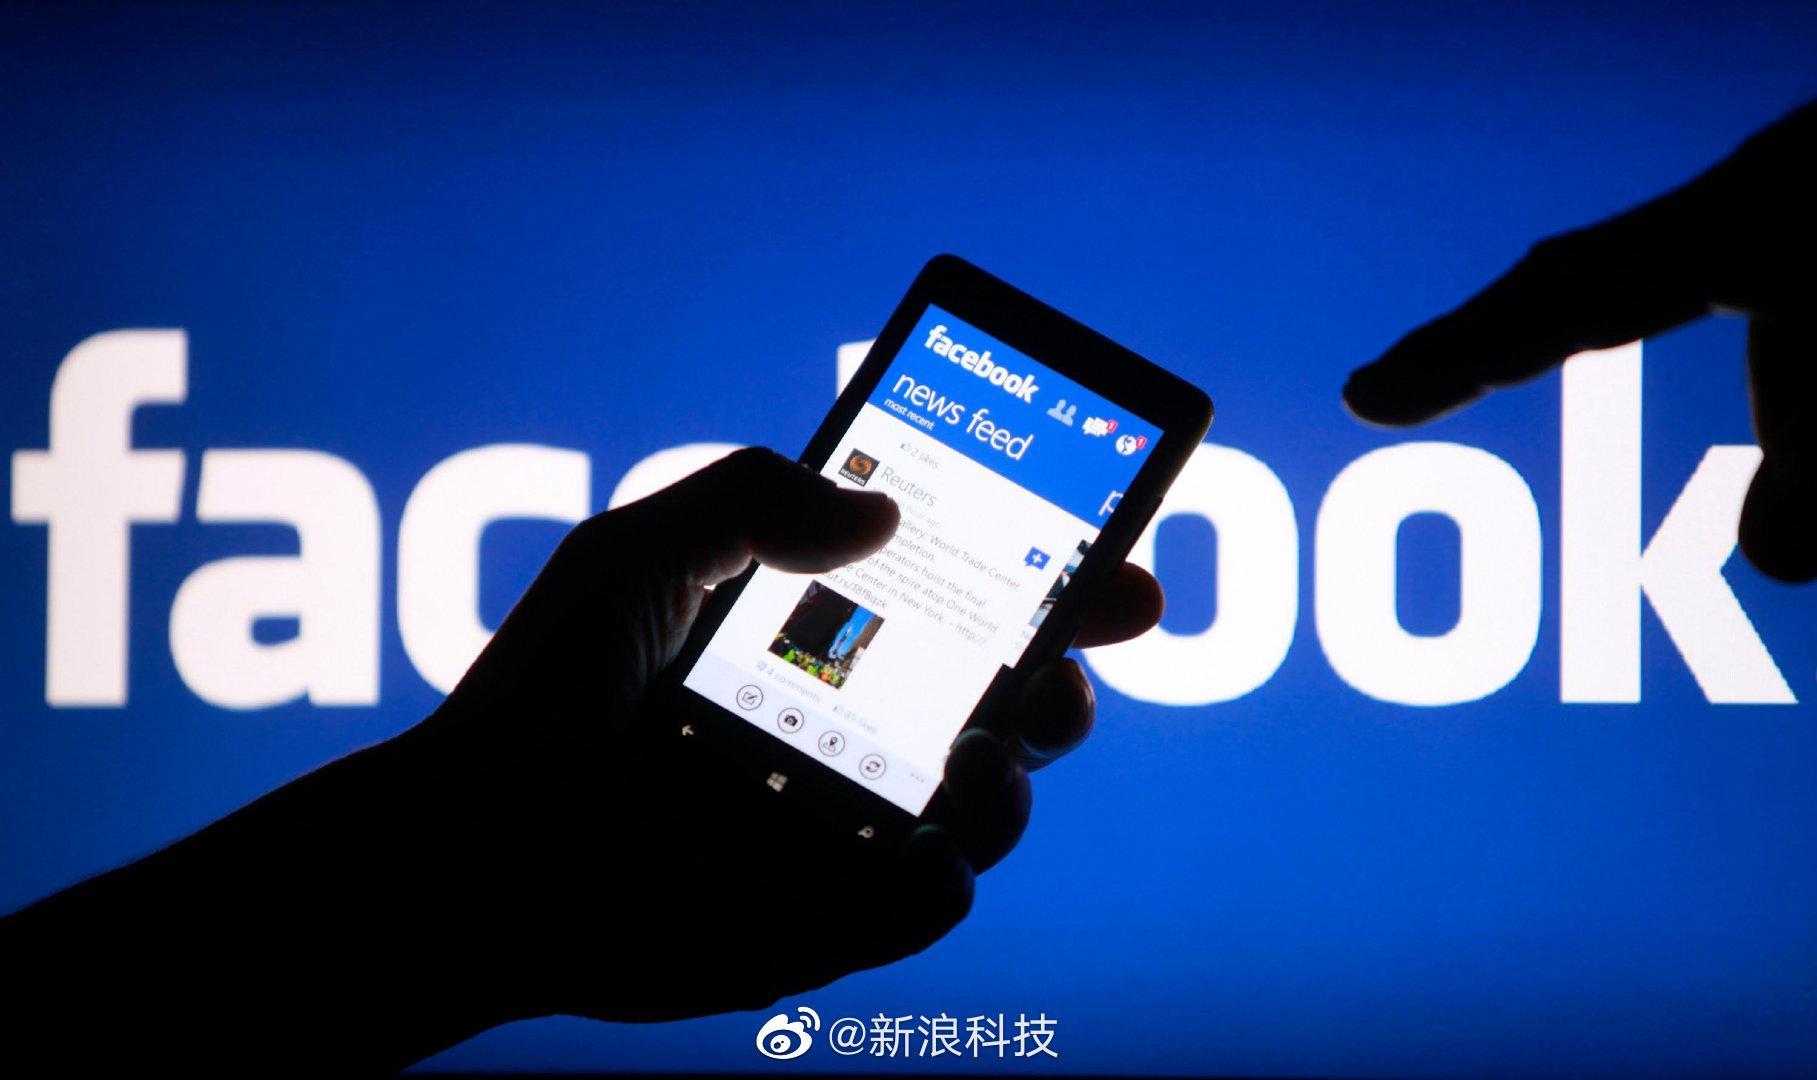 美国机构将脸书歧视调查定为系统性调查